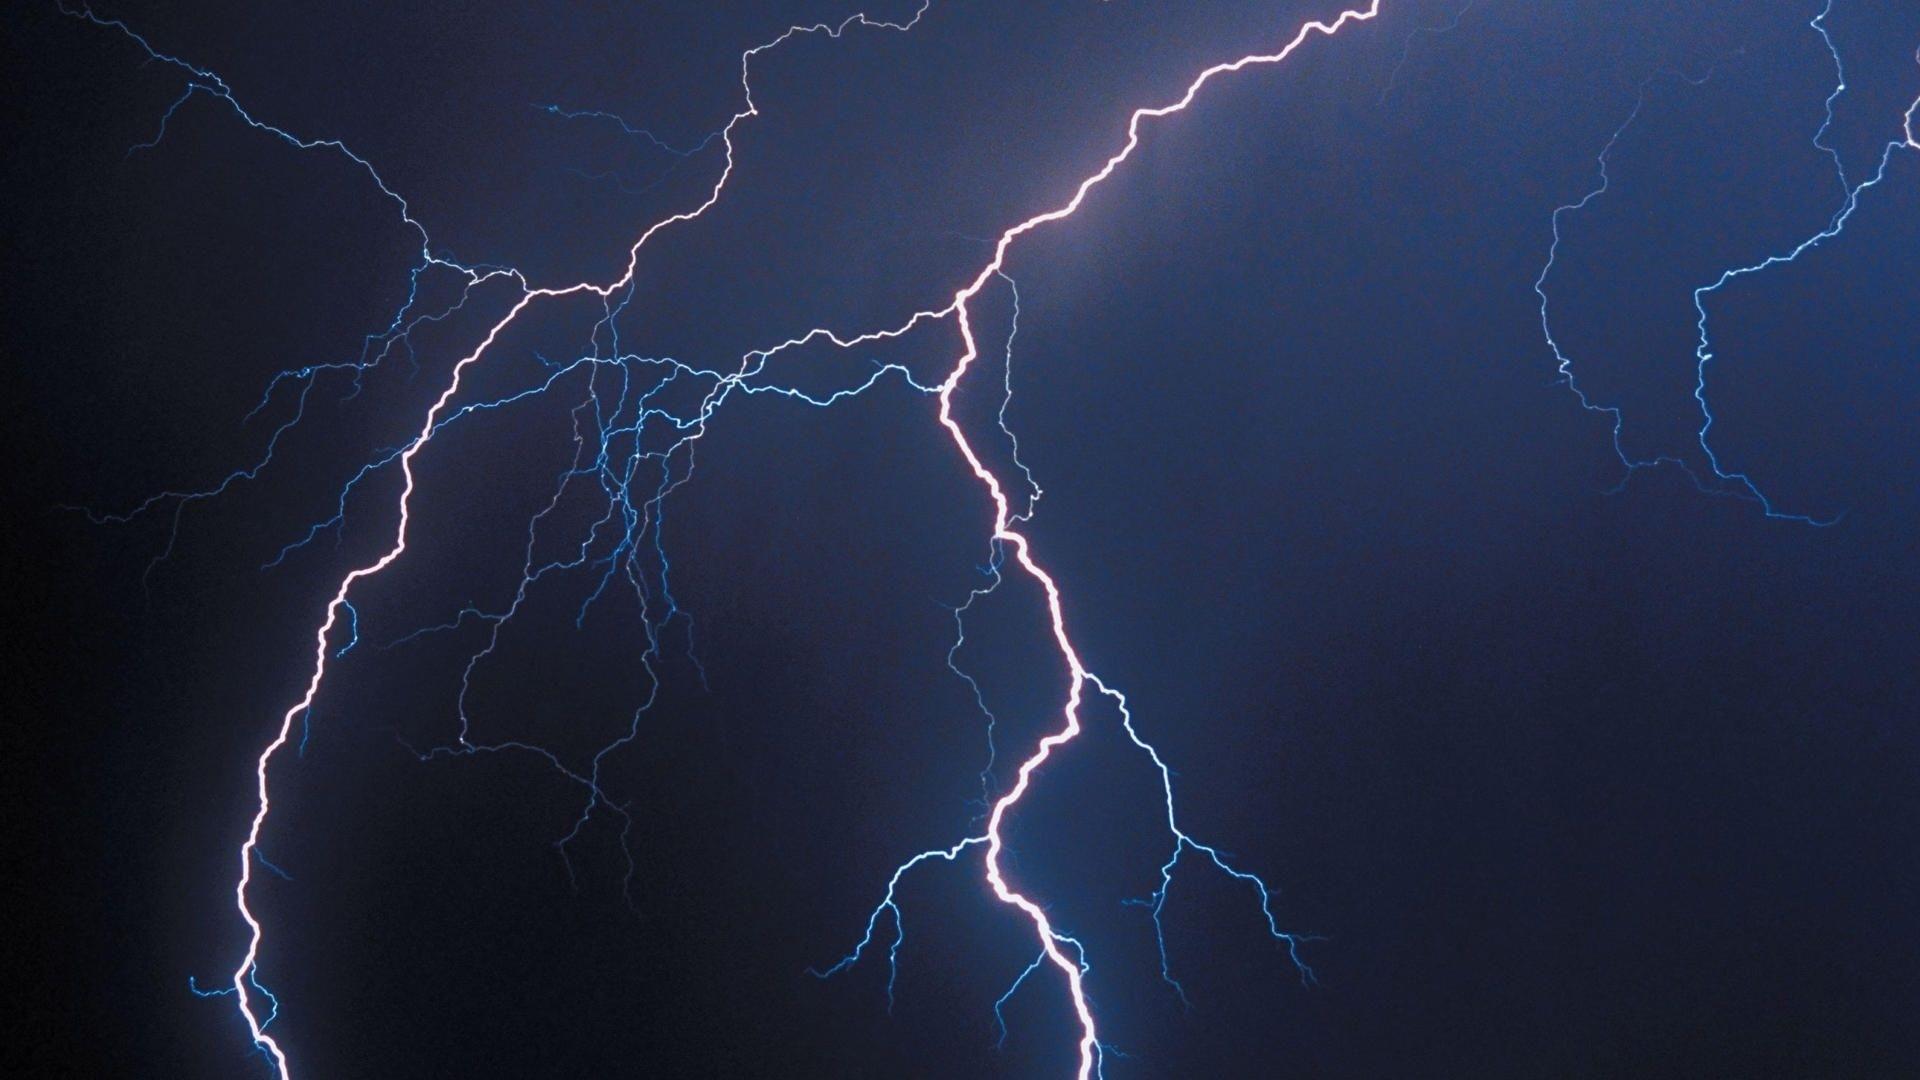 Lightning Wallpaper for pc